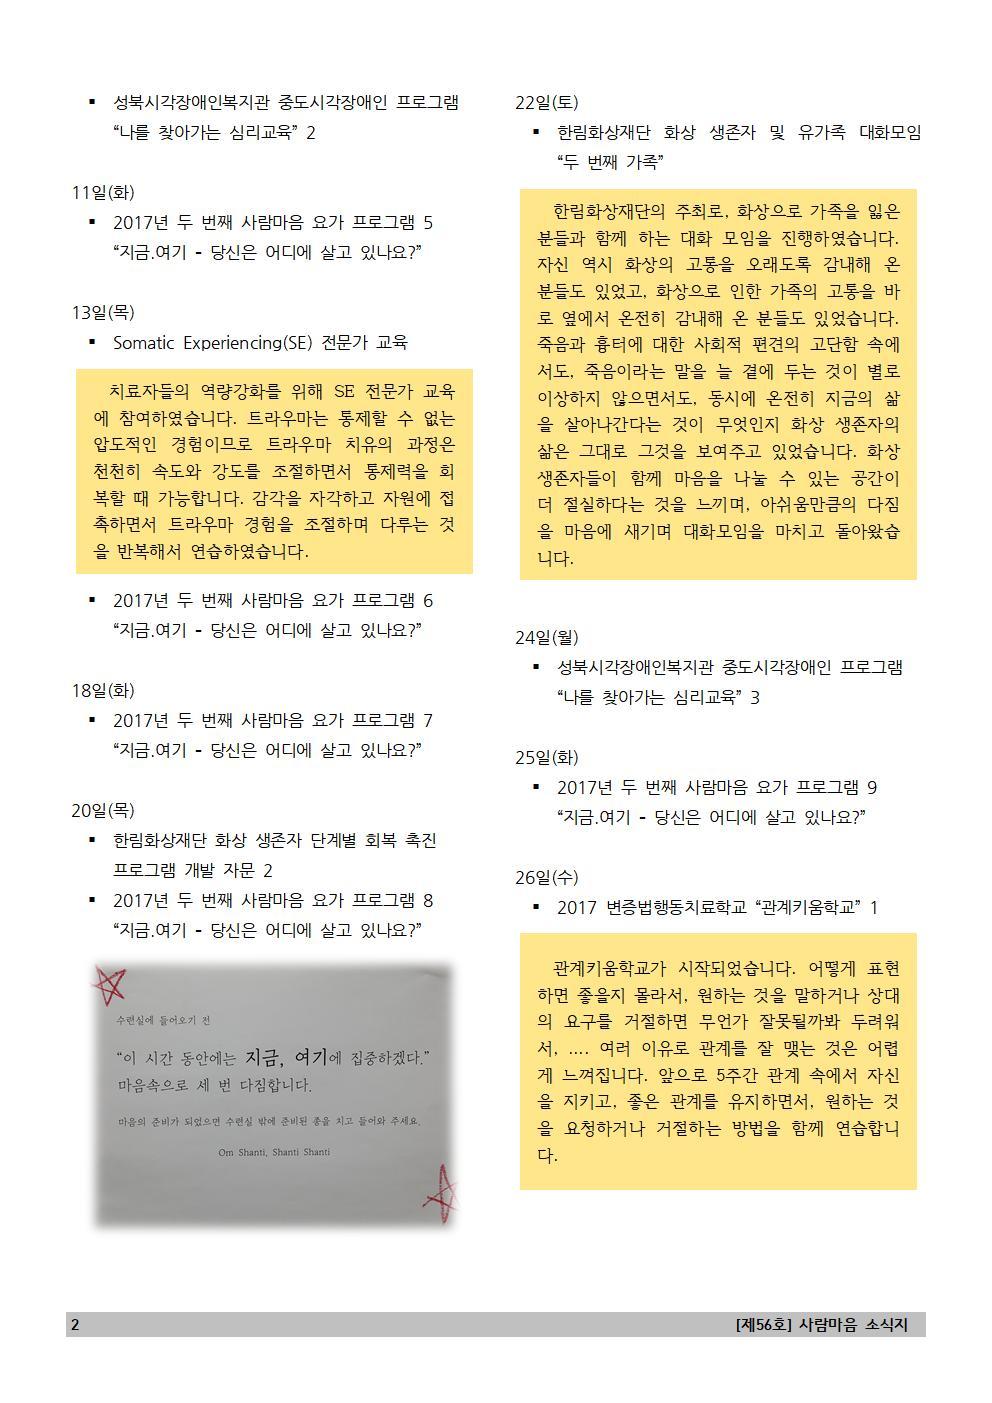 201708_56th_news letter(3).jpg